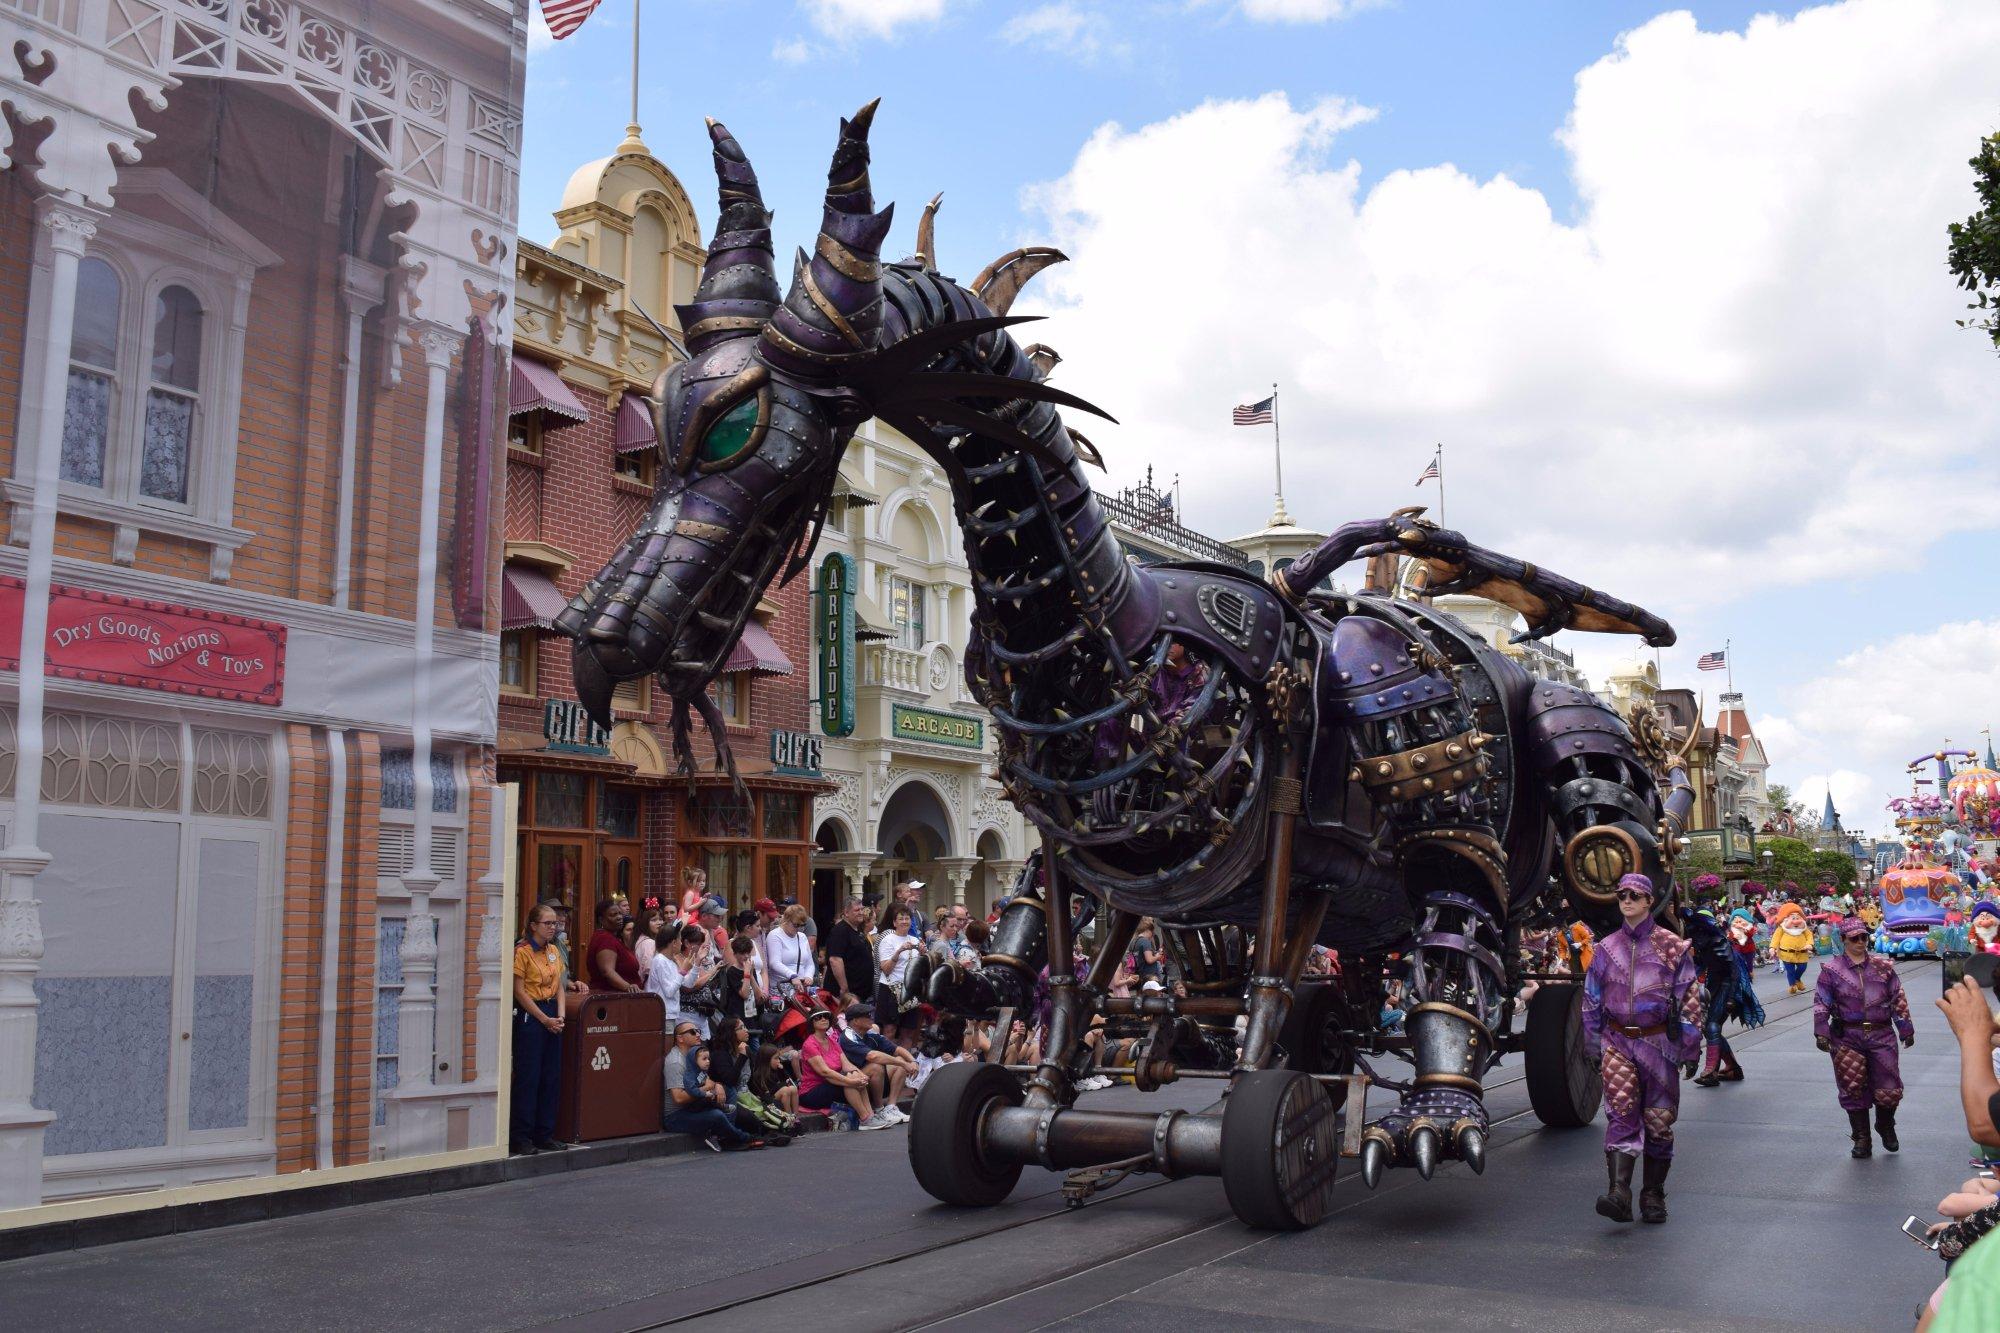 Desfile o Parada.. Atraccion majestuosa para chicos y adultos